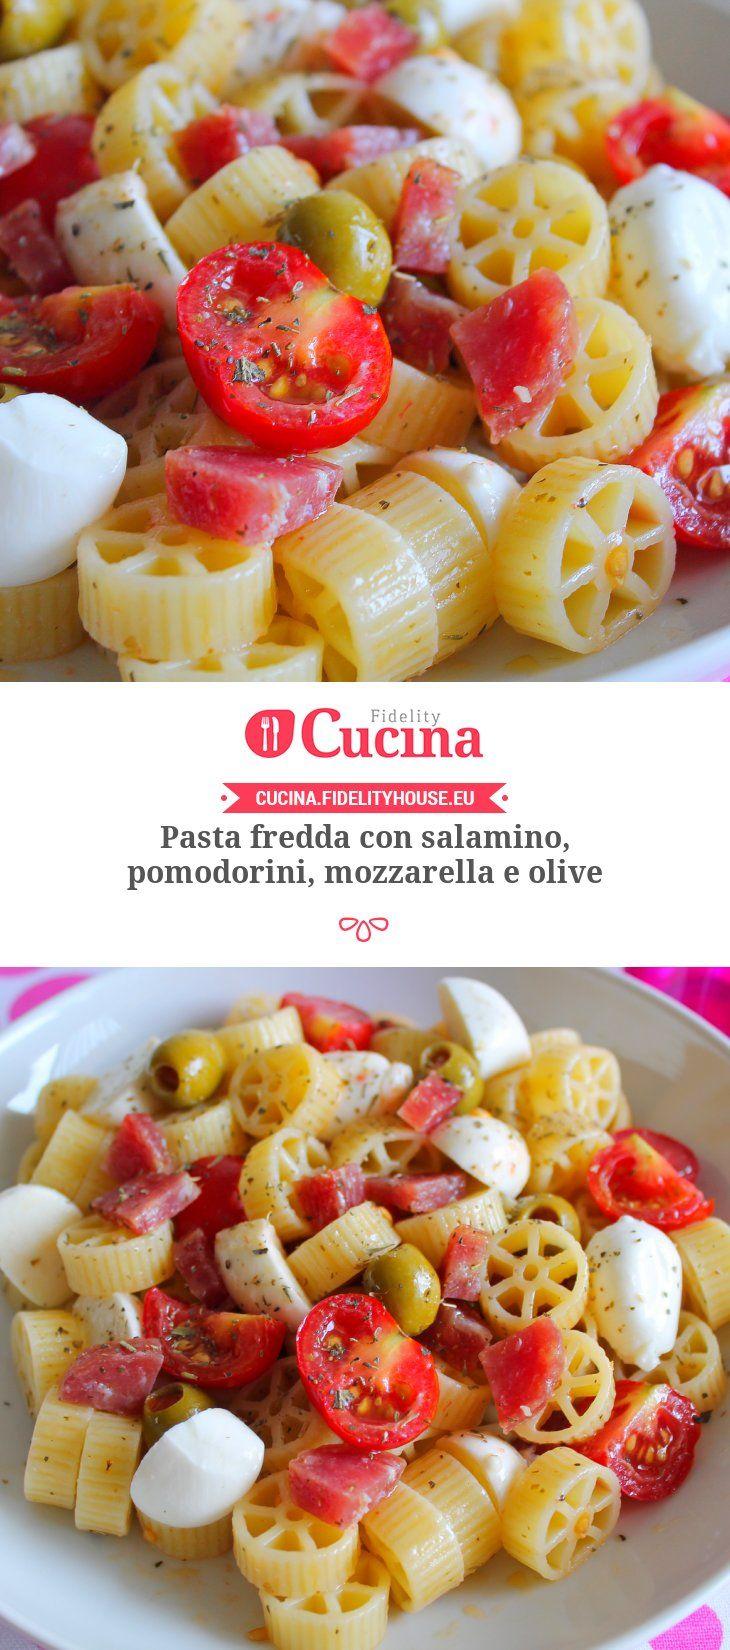 Pasta fredda con salamino, pomodorini, mozzarella e olive